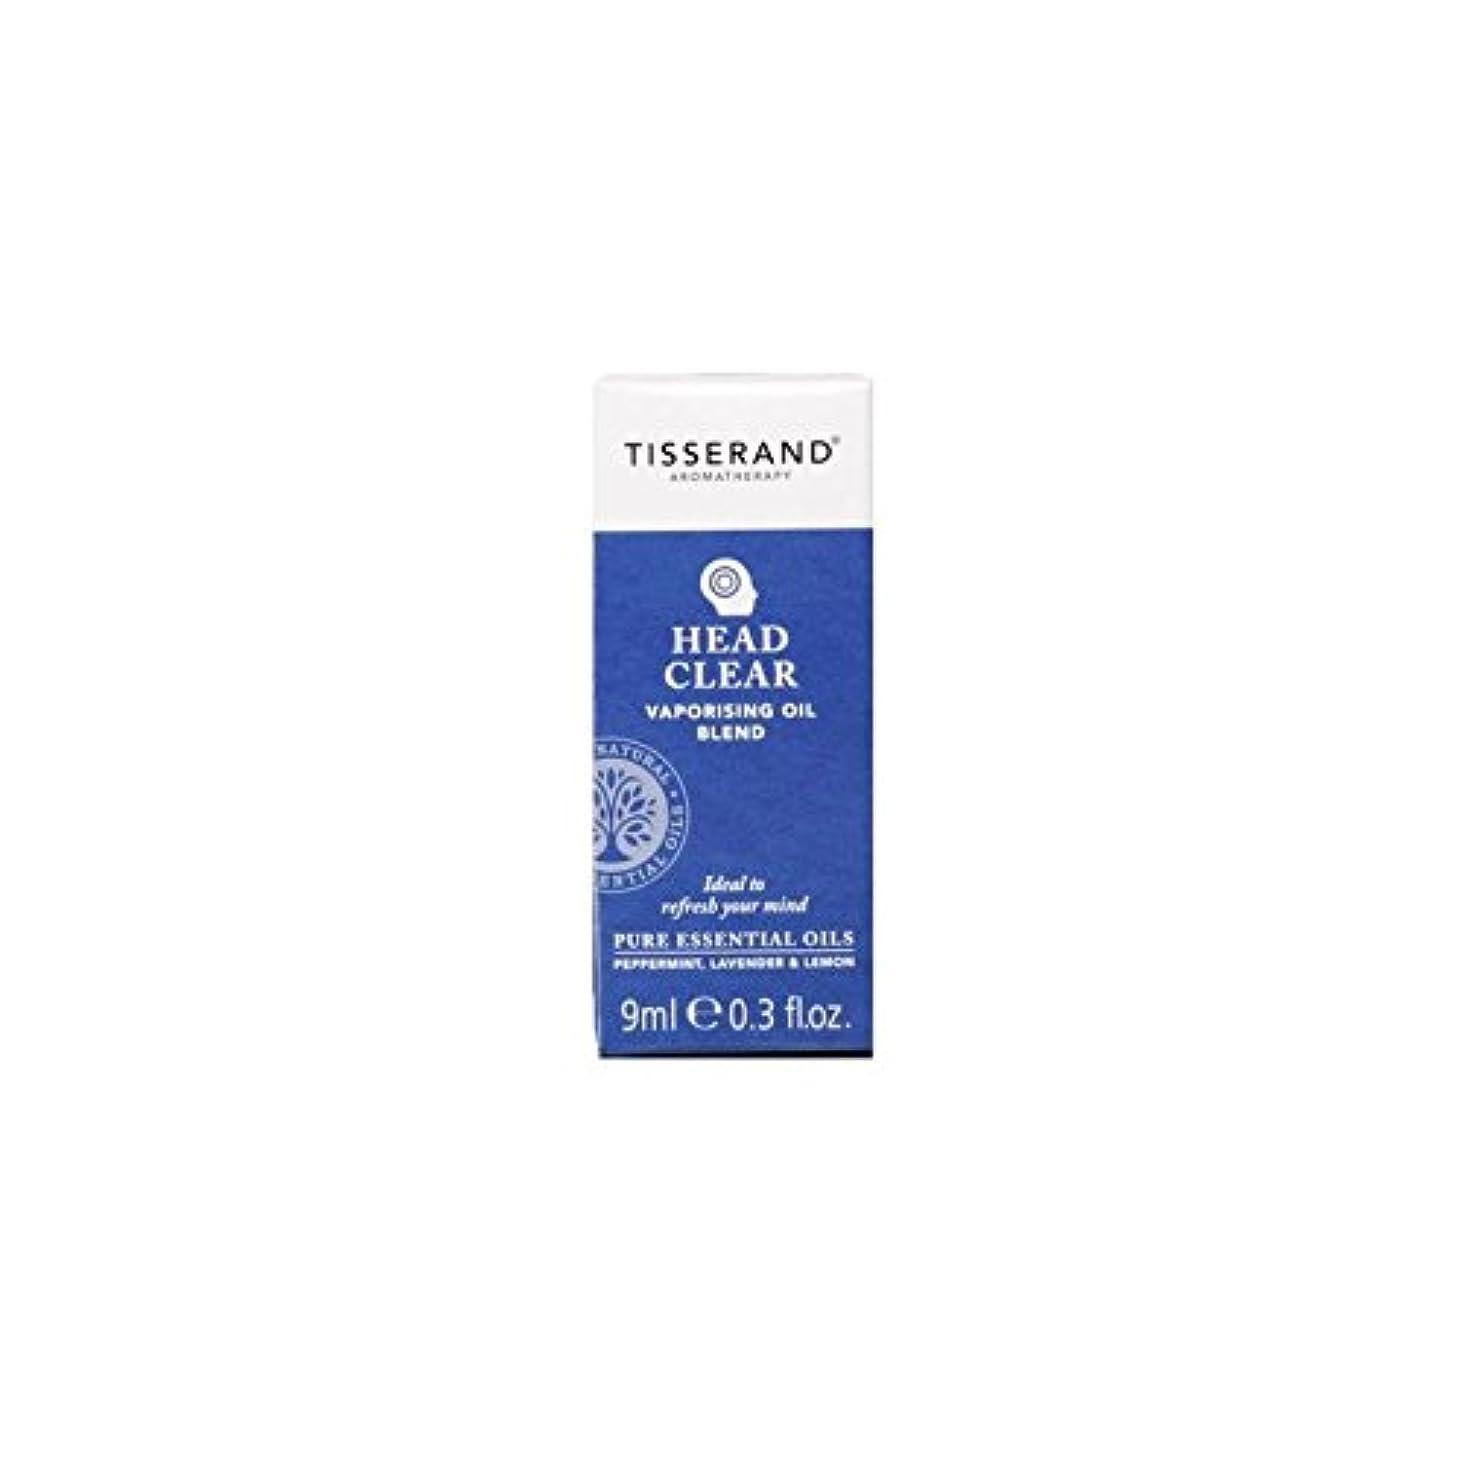 母音クロールマッサージヘッド明確な気化油の9ミリリットル (Tisserand) (x 2) - Tisserand Head Clear Vaporising Oil 9ml (Pack of 2) [並行輸入品]